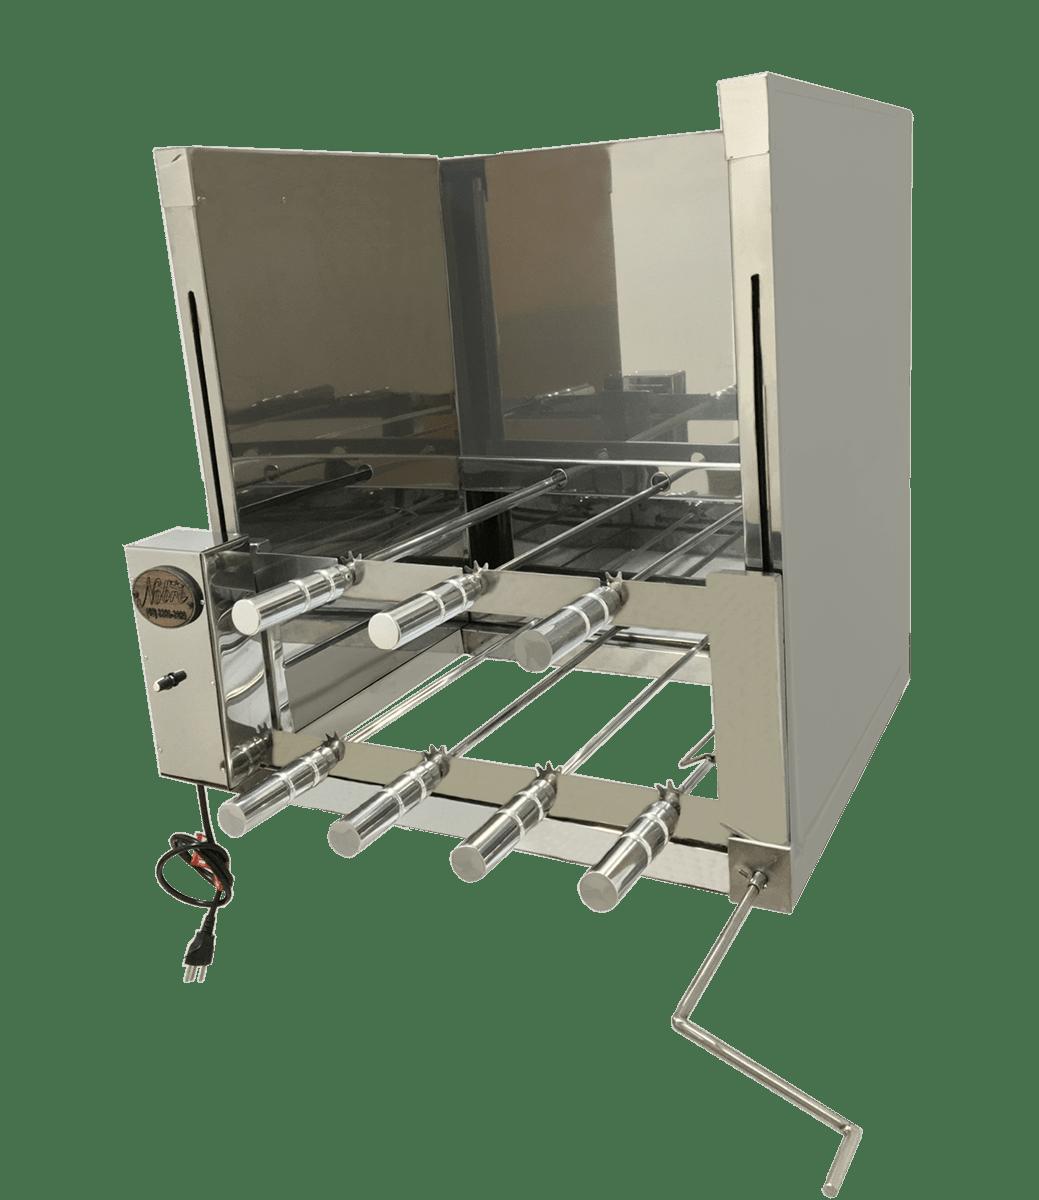 Churrasqueira com sistema rotativo de espetos  e sistema de elevação